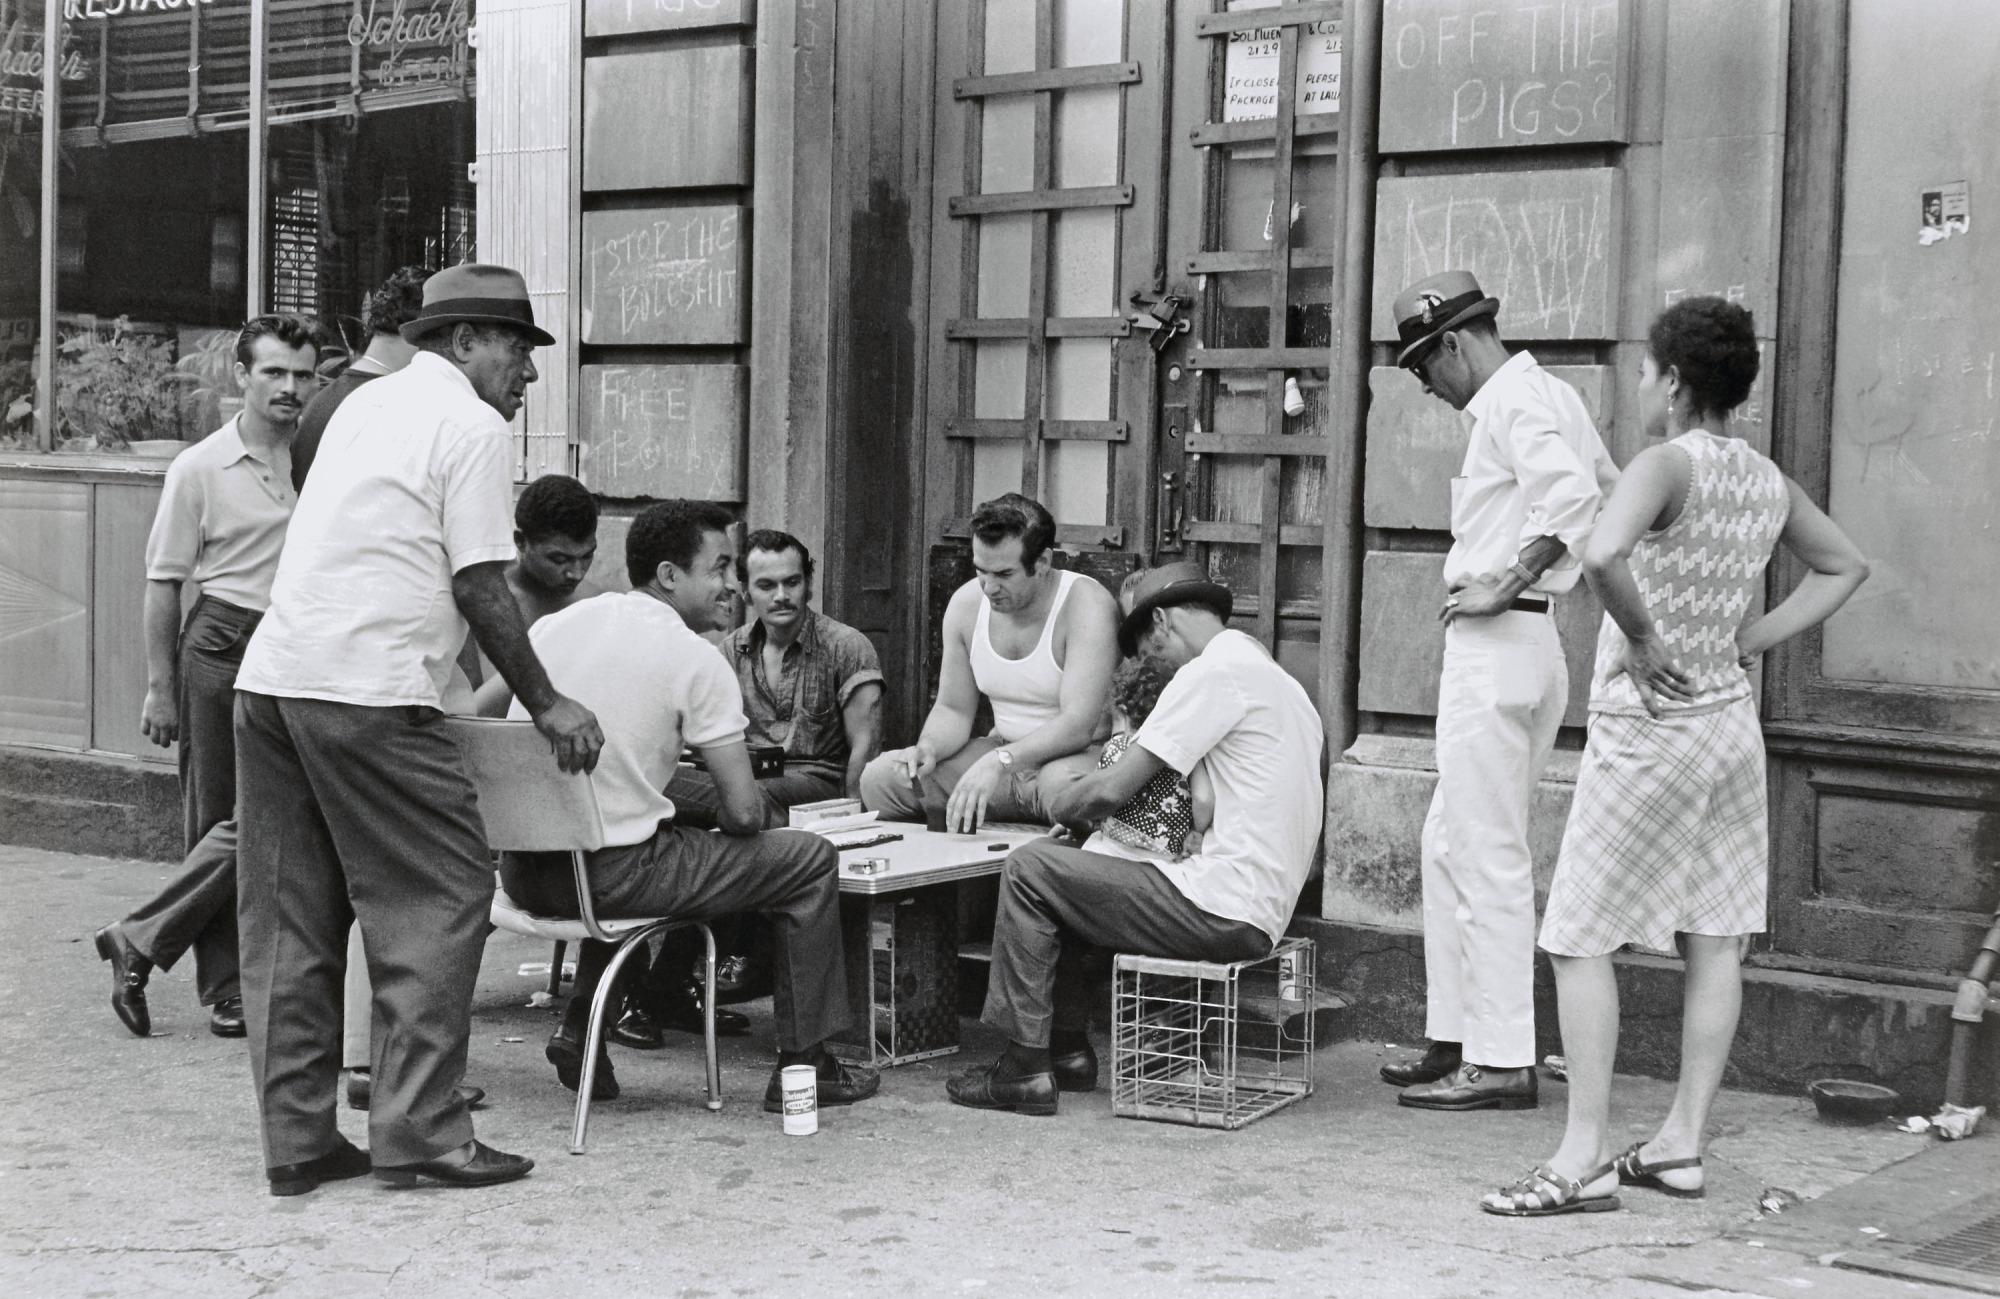 domino players, washington heights, NY - winston vargas